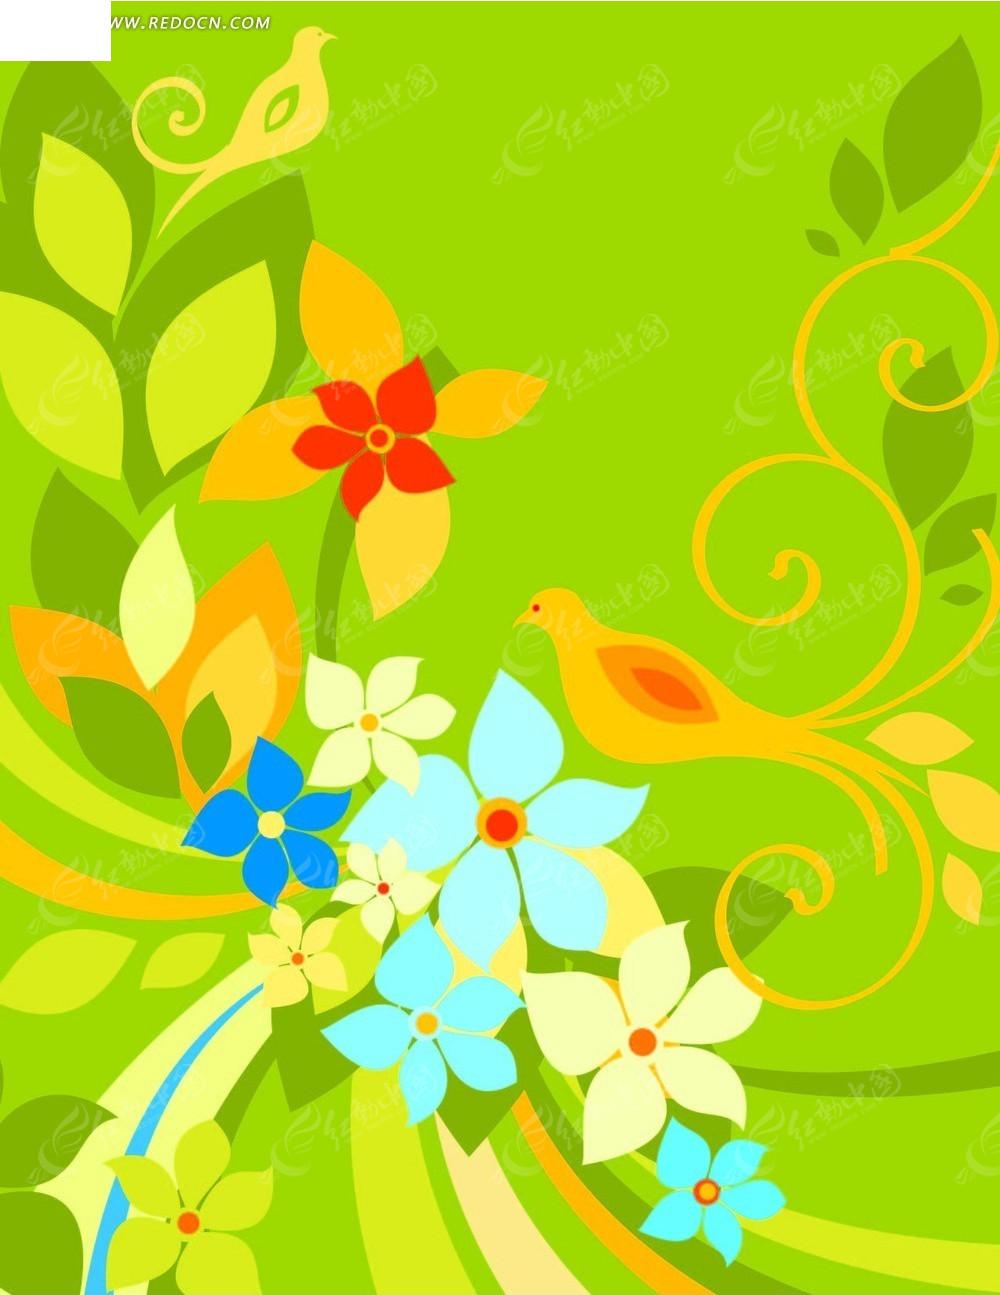 免费素材 矢量素材 花纹边框 底纹背景 > 手绘花卉素材  免费下载我要